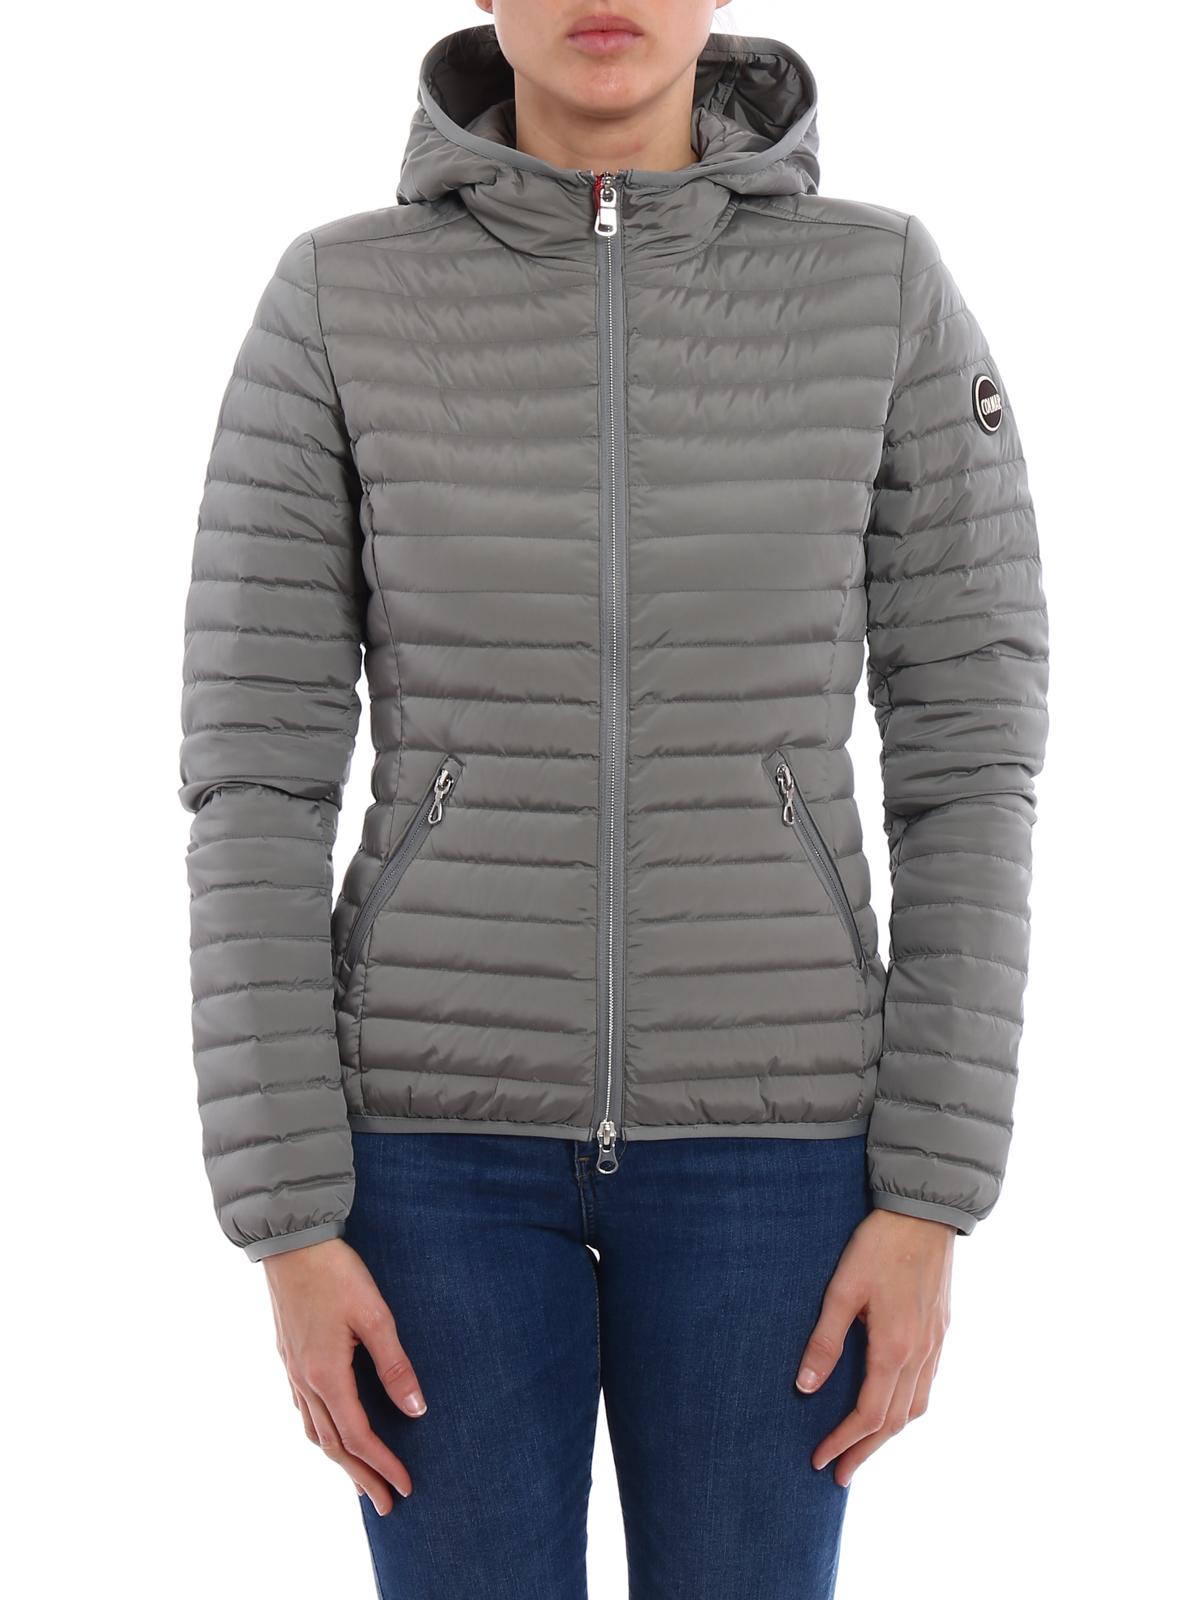 Colmar Originals Piumino stretch con cappuccio giacche